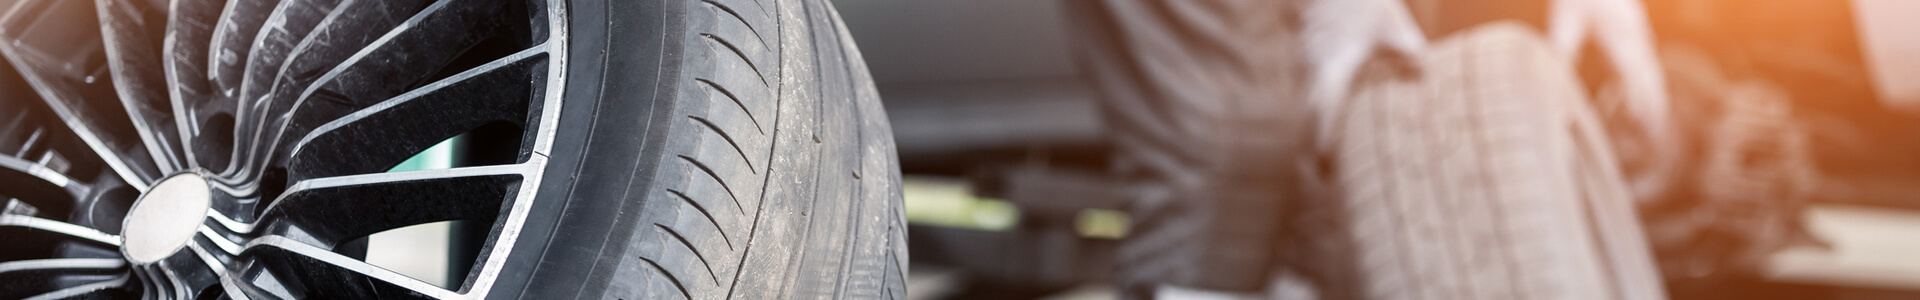 Reifenlabel